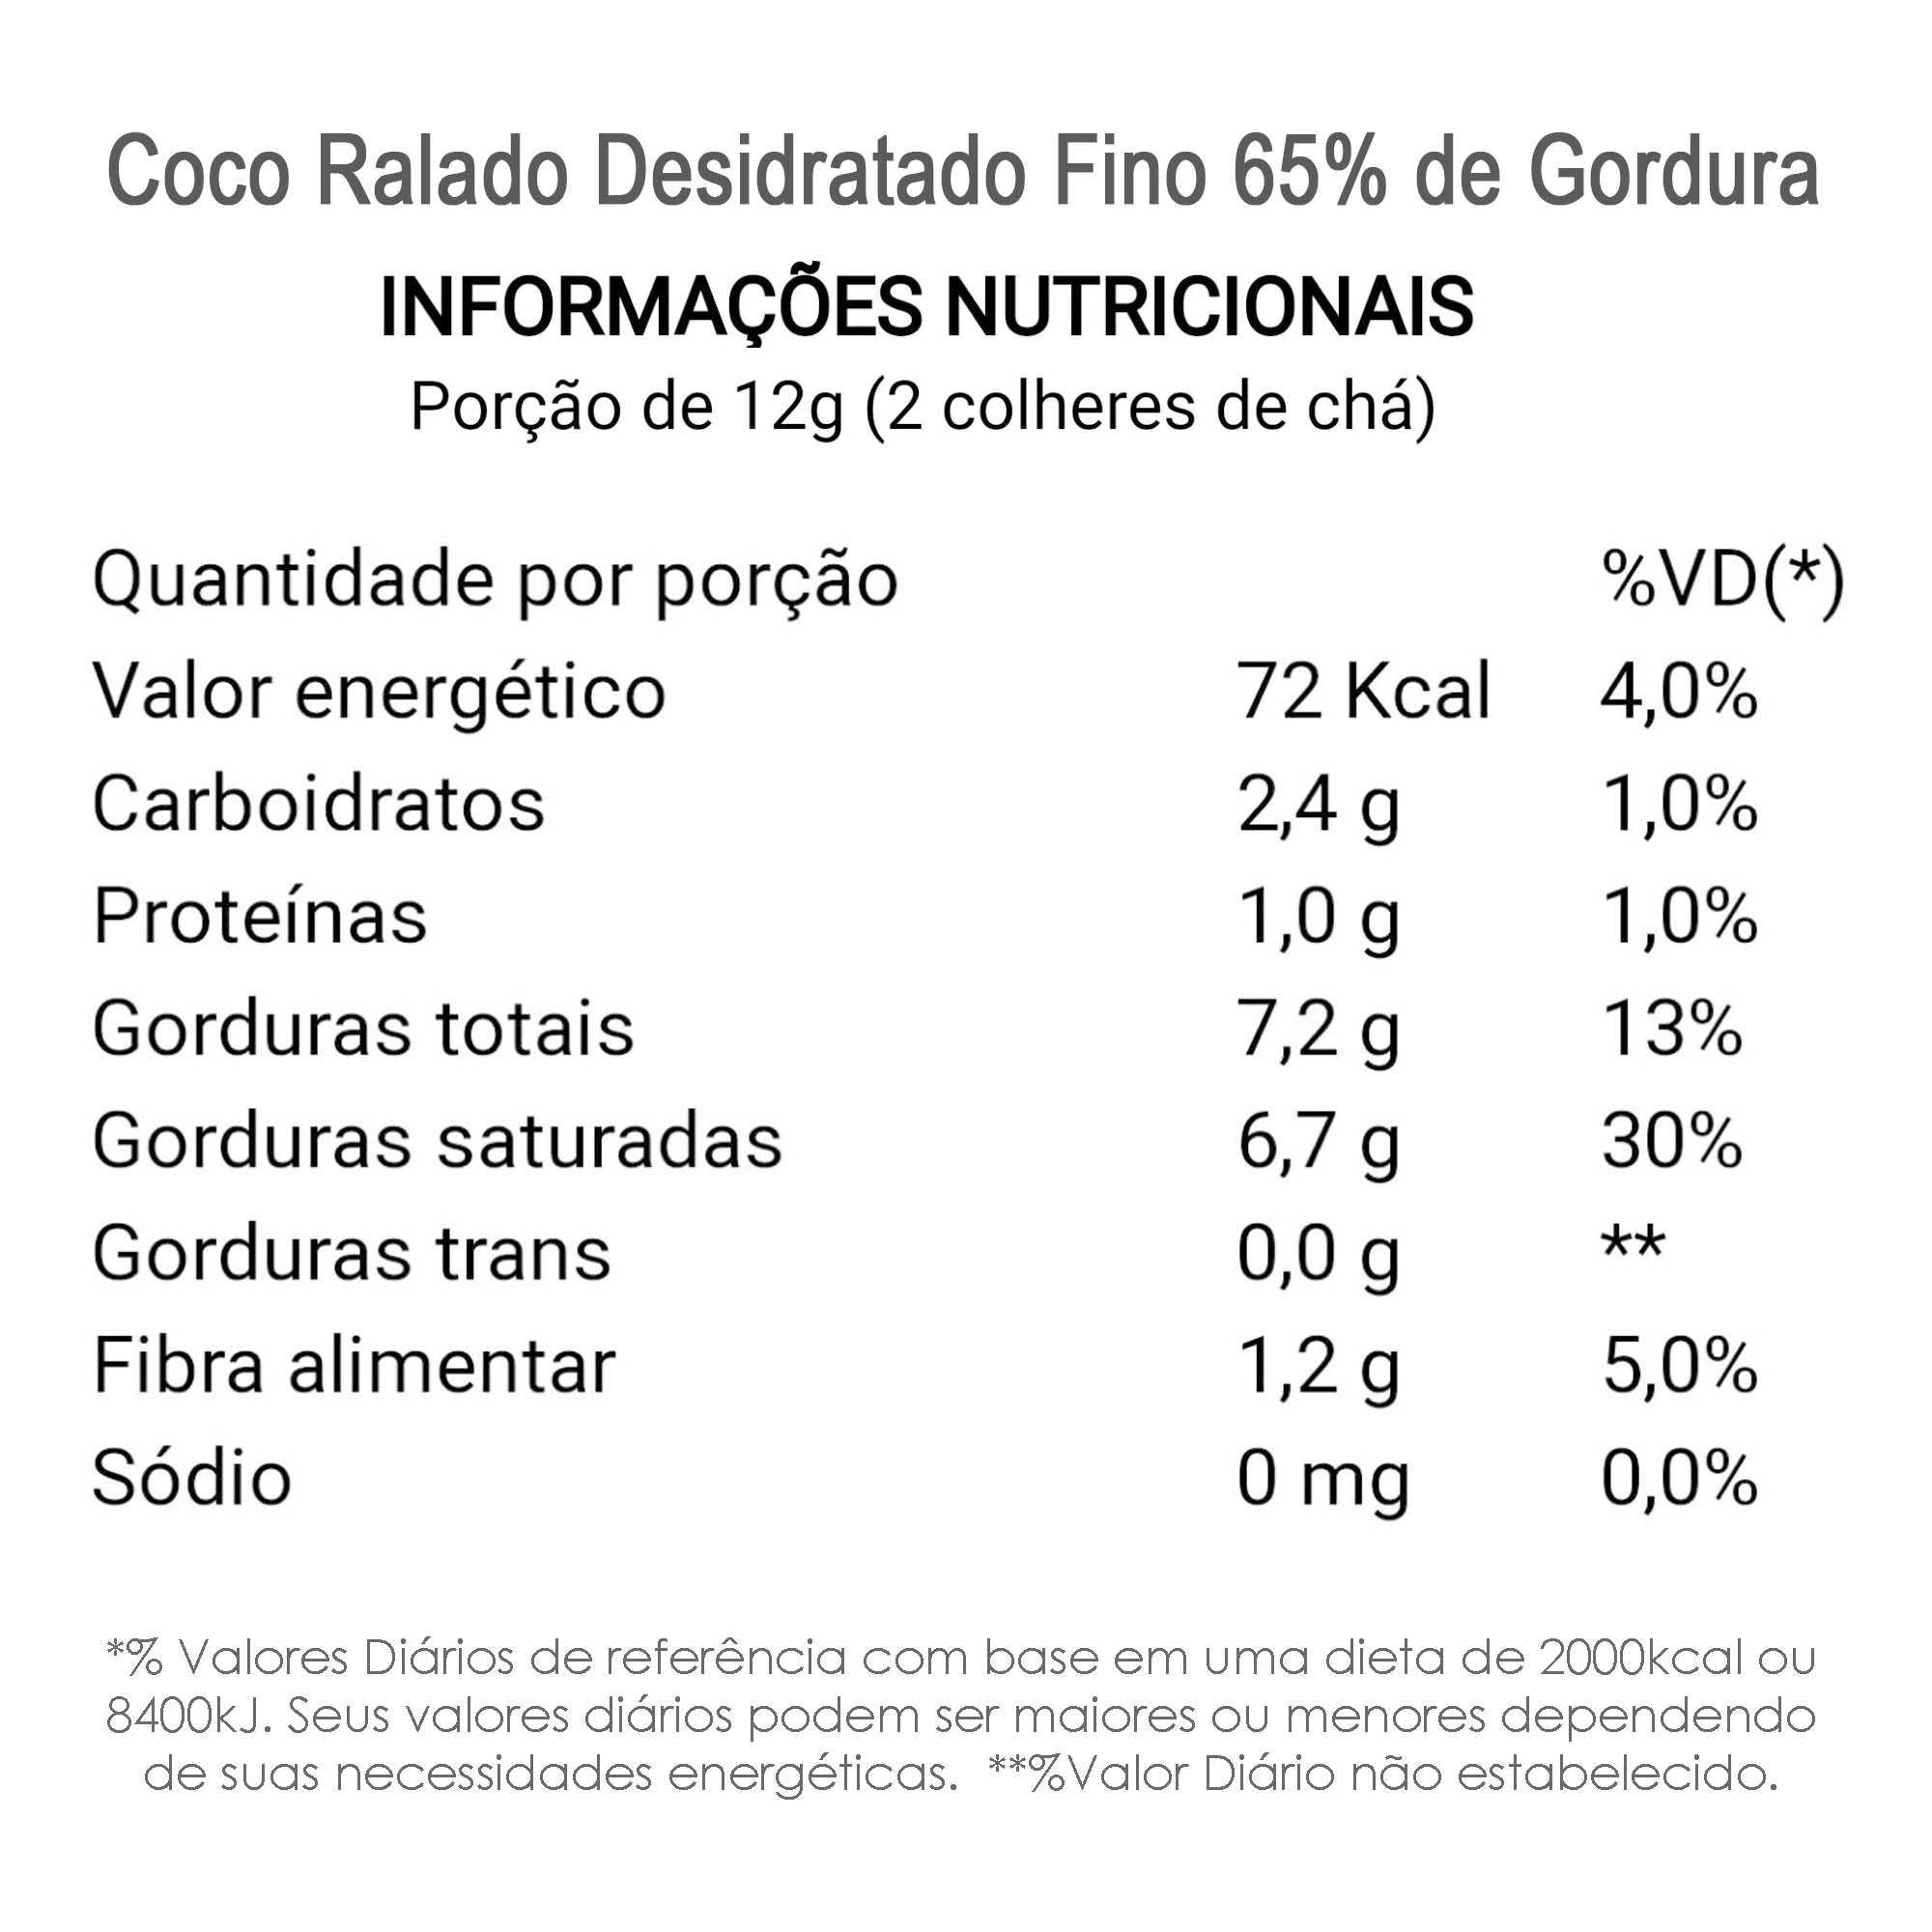 Coco Ralado Desidratado Fino 65% Gordura (sem açucar) 200g  - TLC Tudo Low Carb